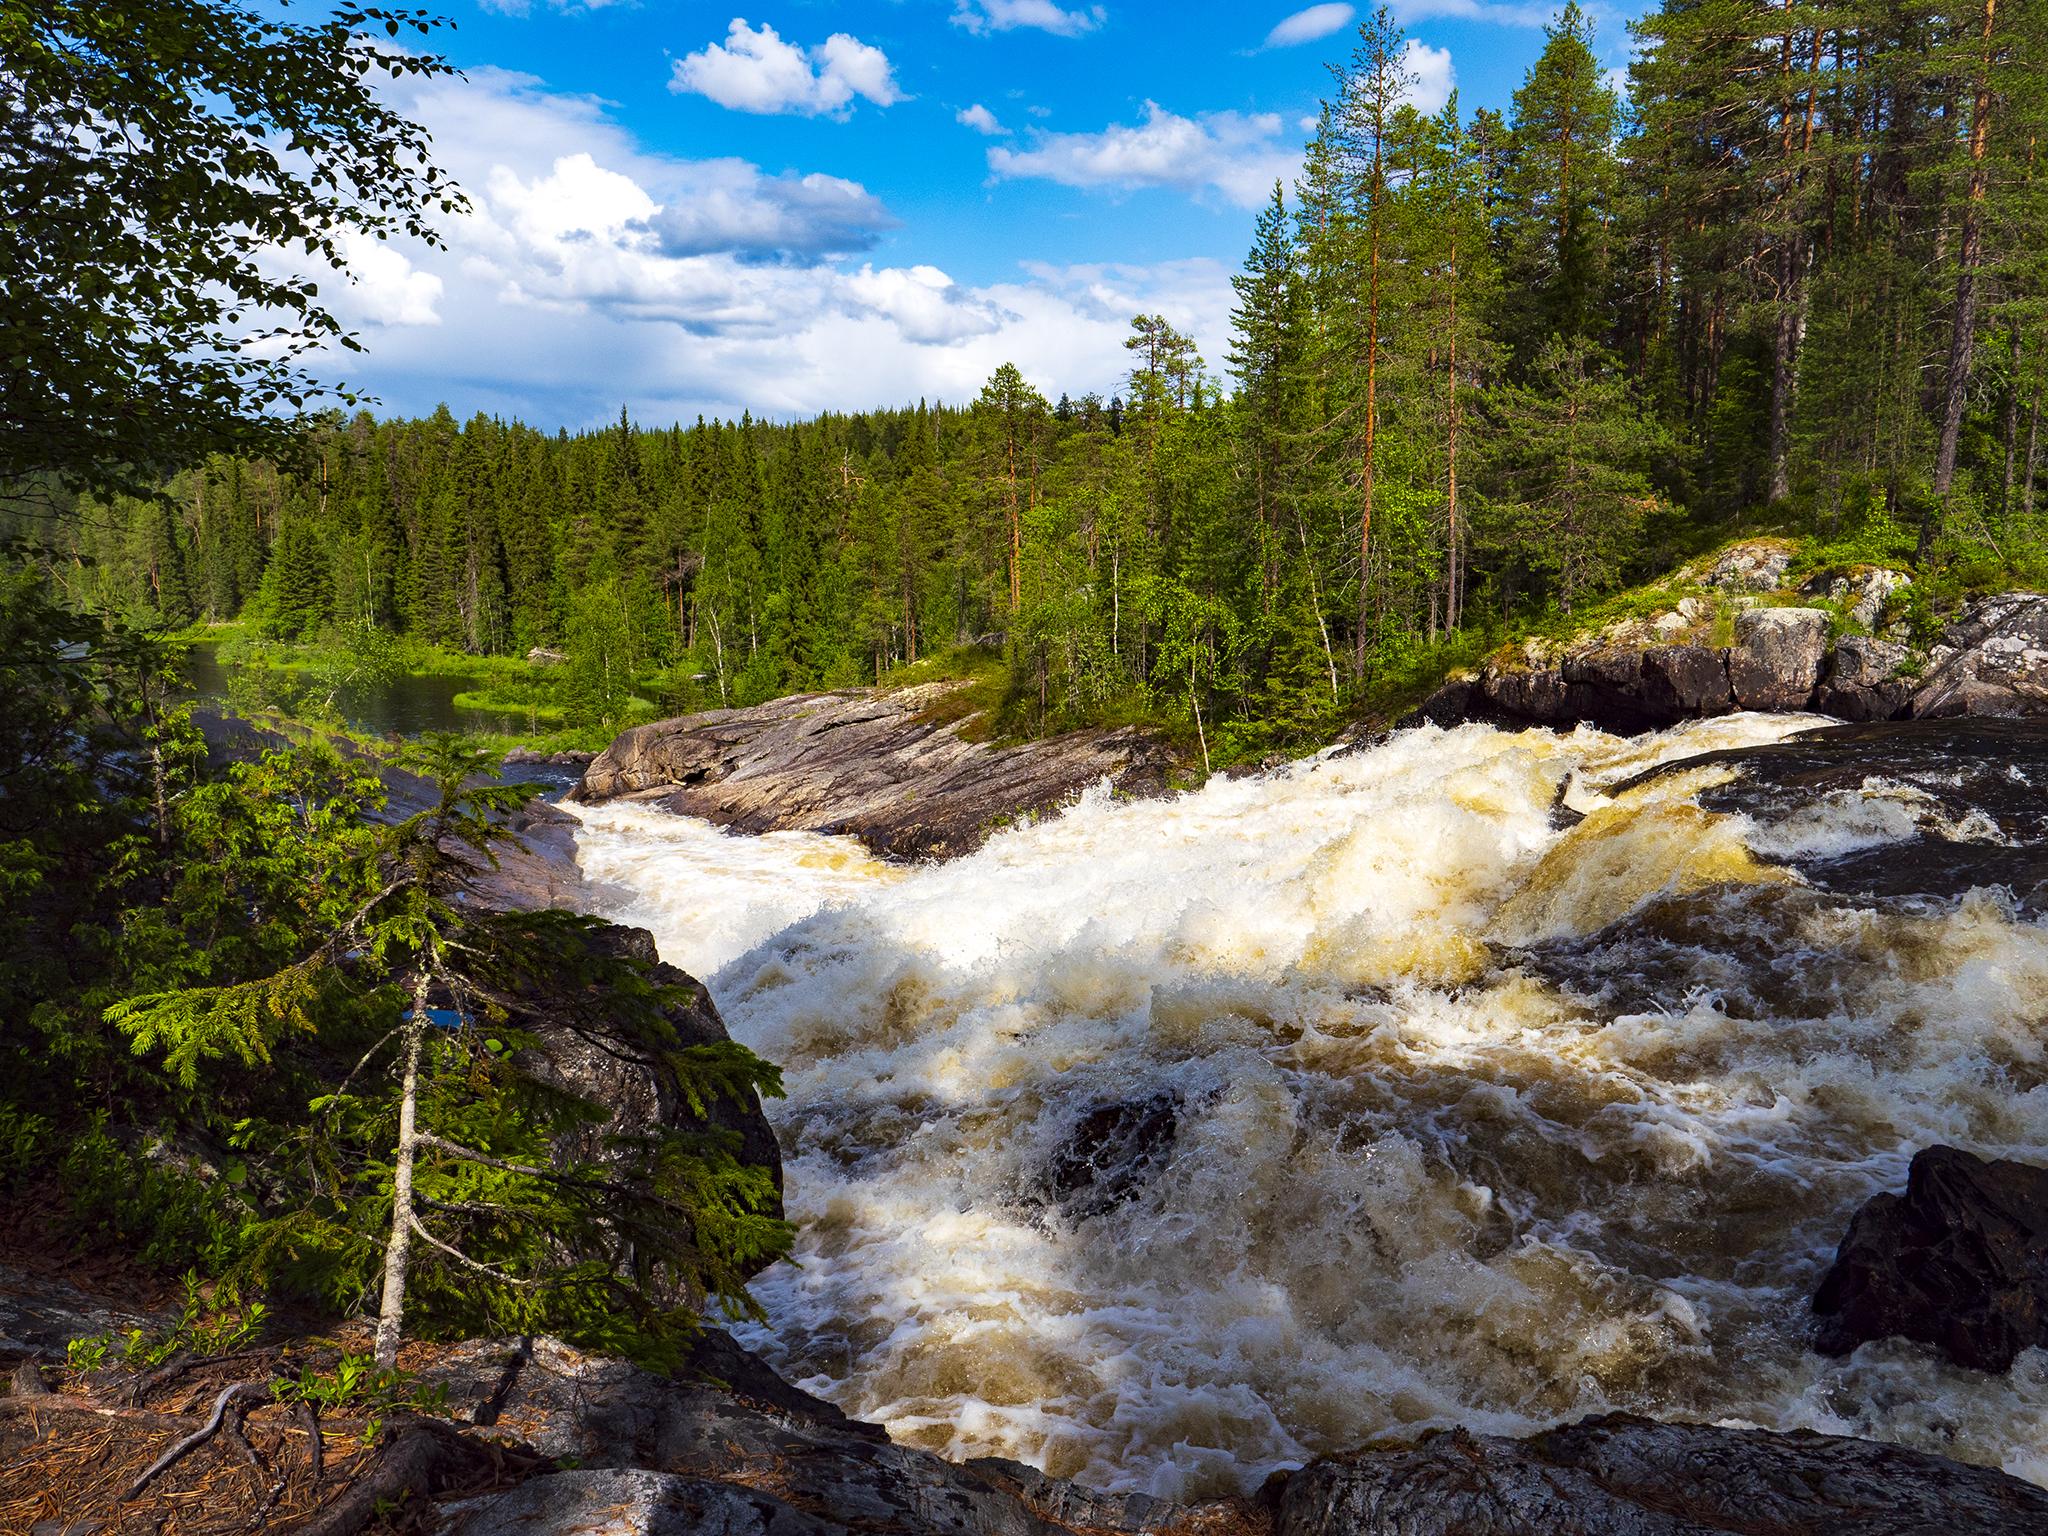 Отдых на севере Карелии - 7 причин, которые изменят ваши планы на отдых этим летом